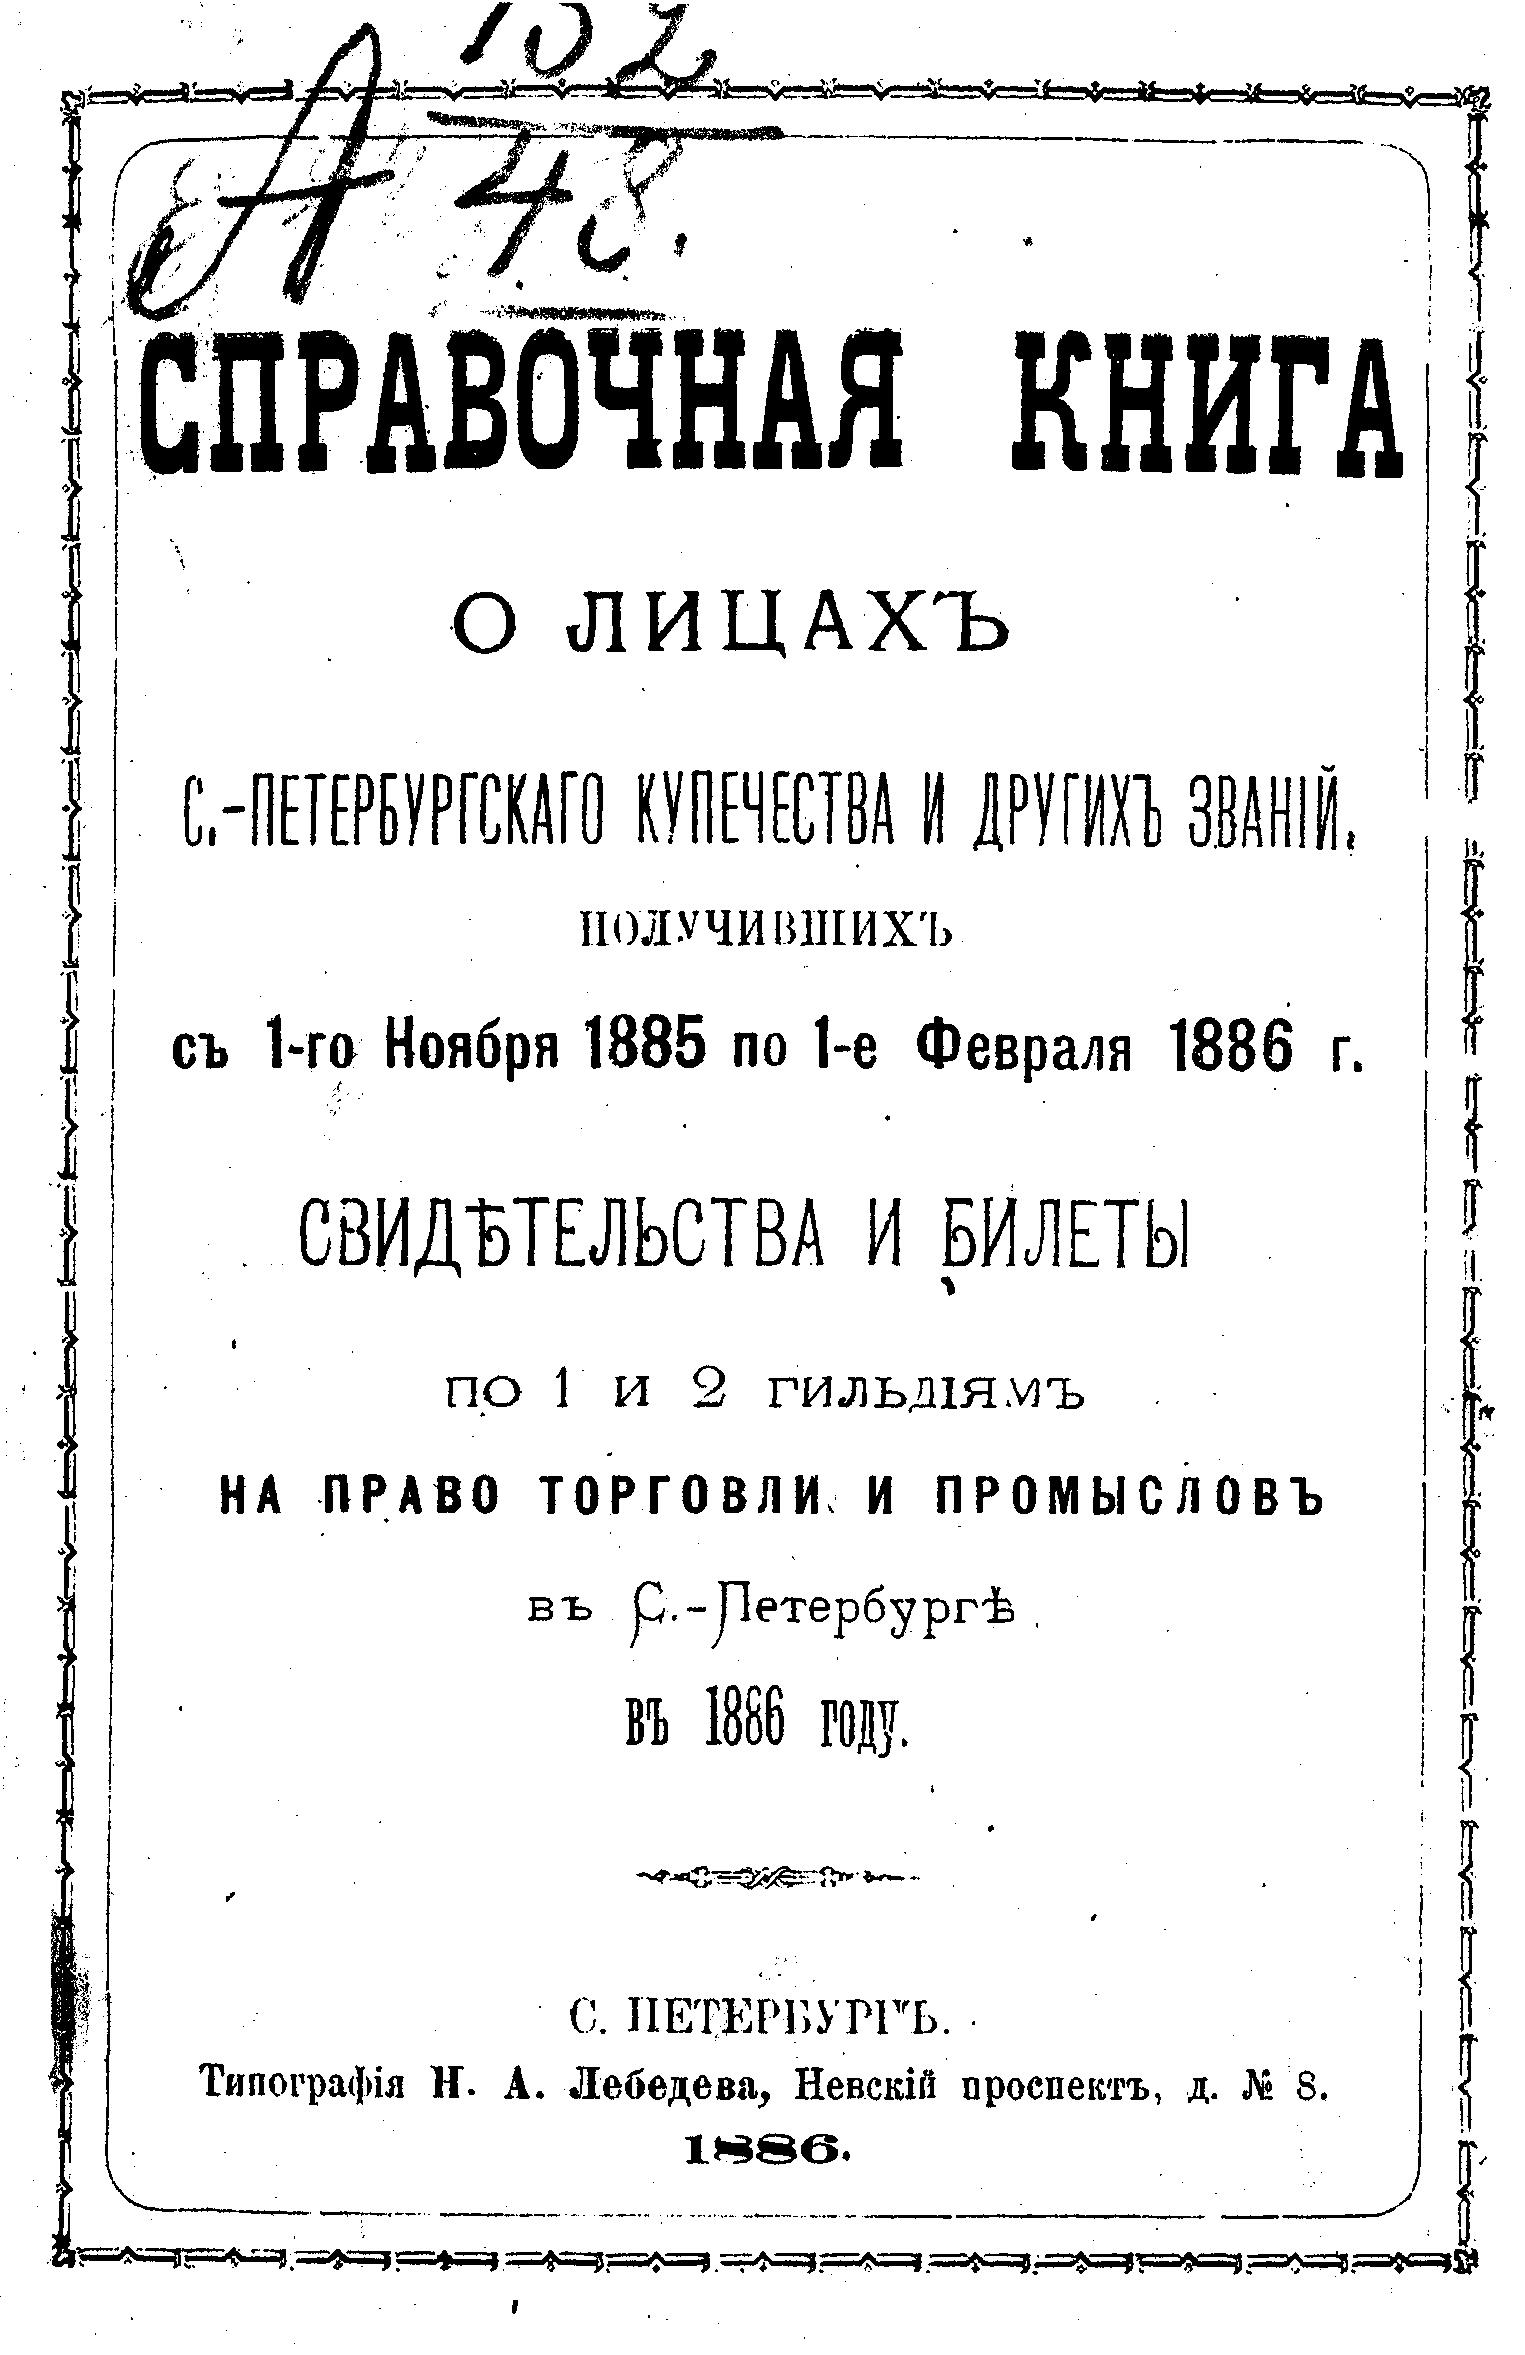 Коллектив авторов Справочная книга о купцах С.-Петербурга на 1886 год коллектив авторов весь петроград на 1922 год